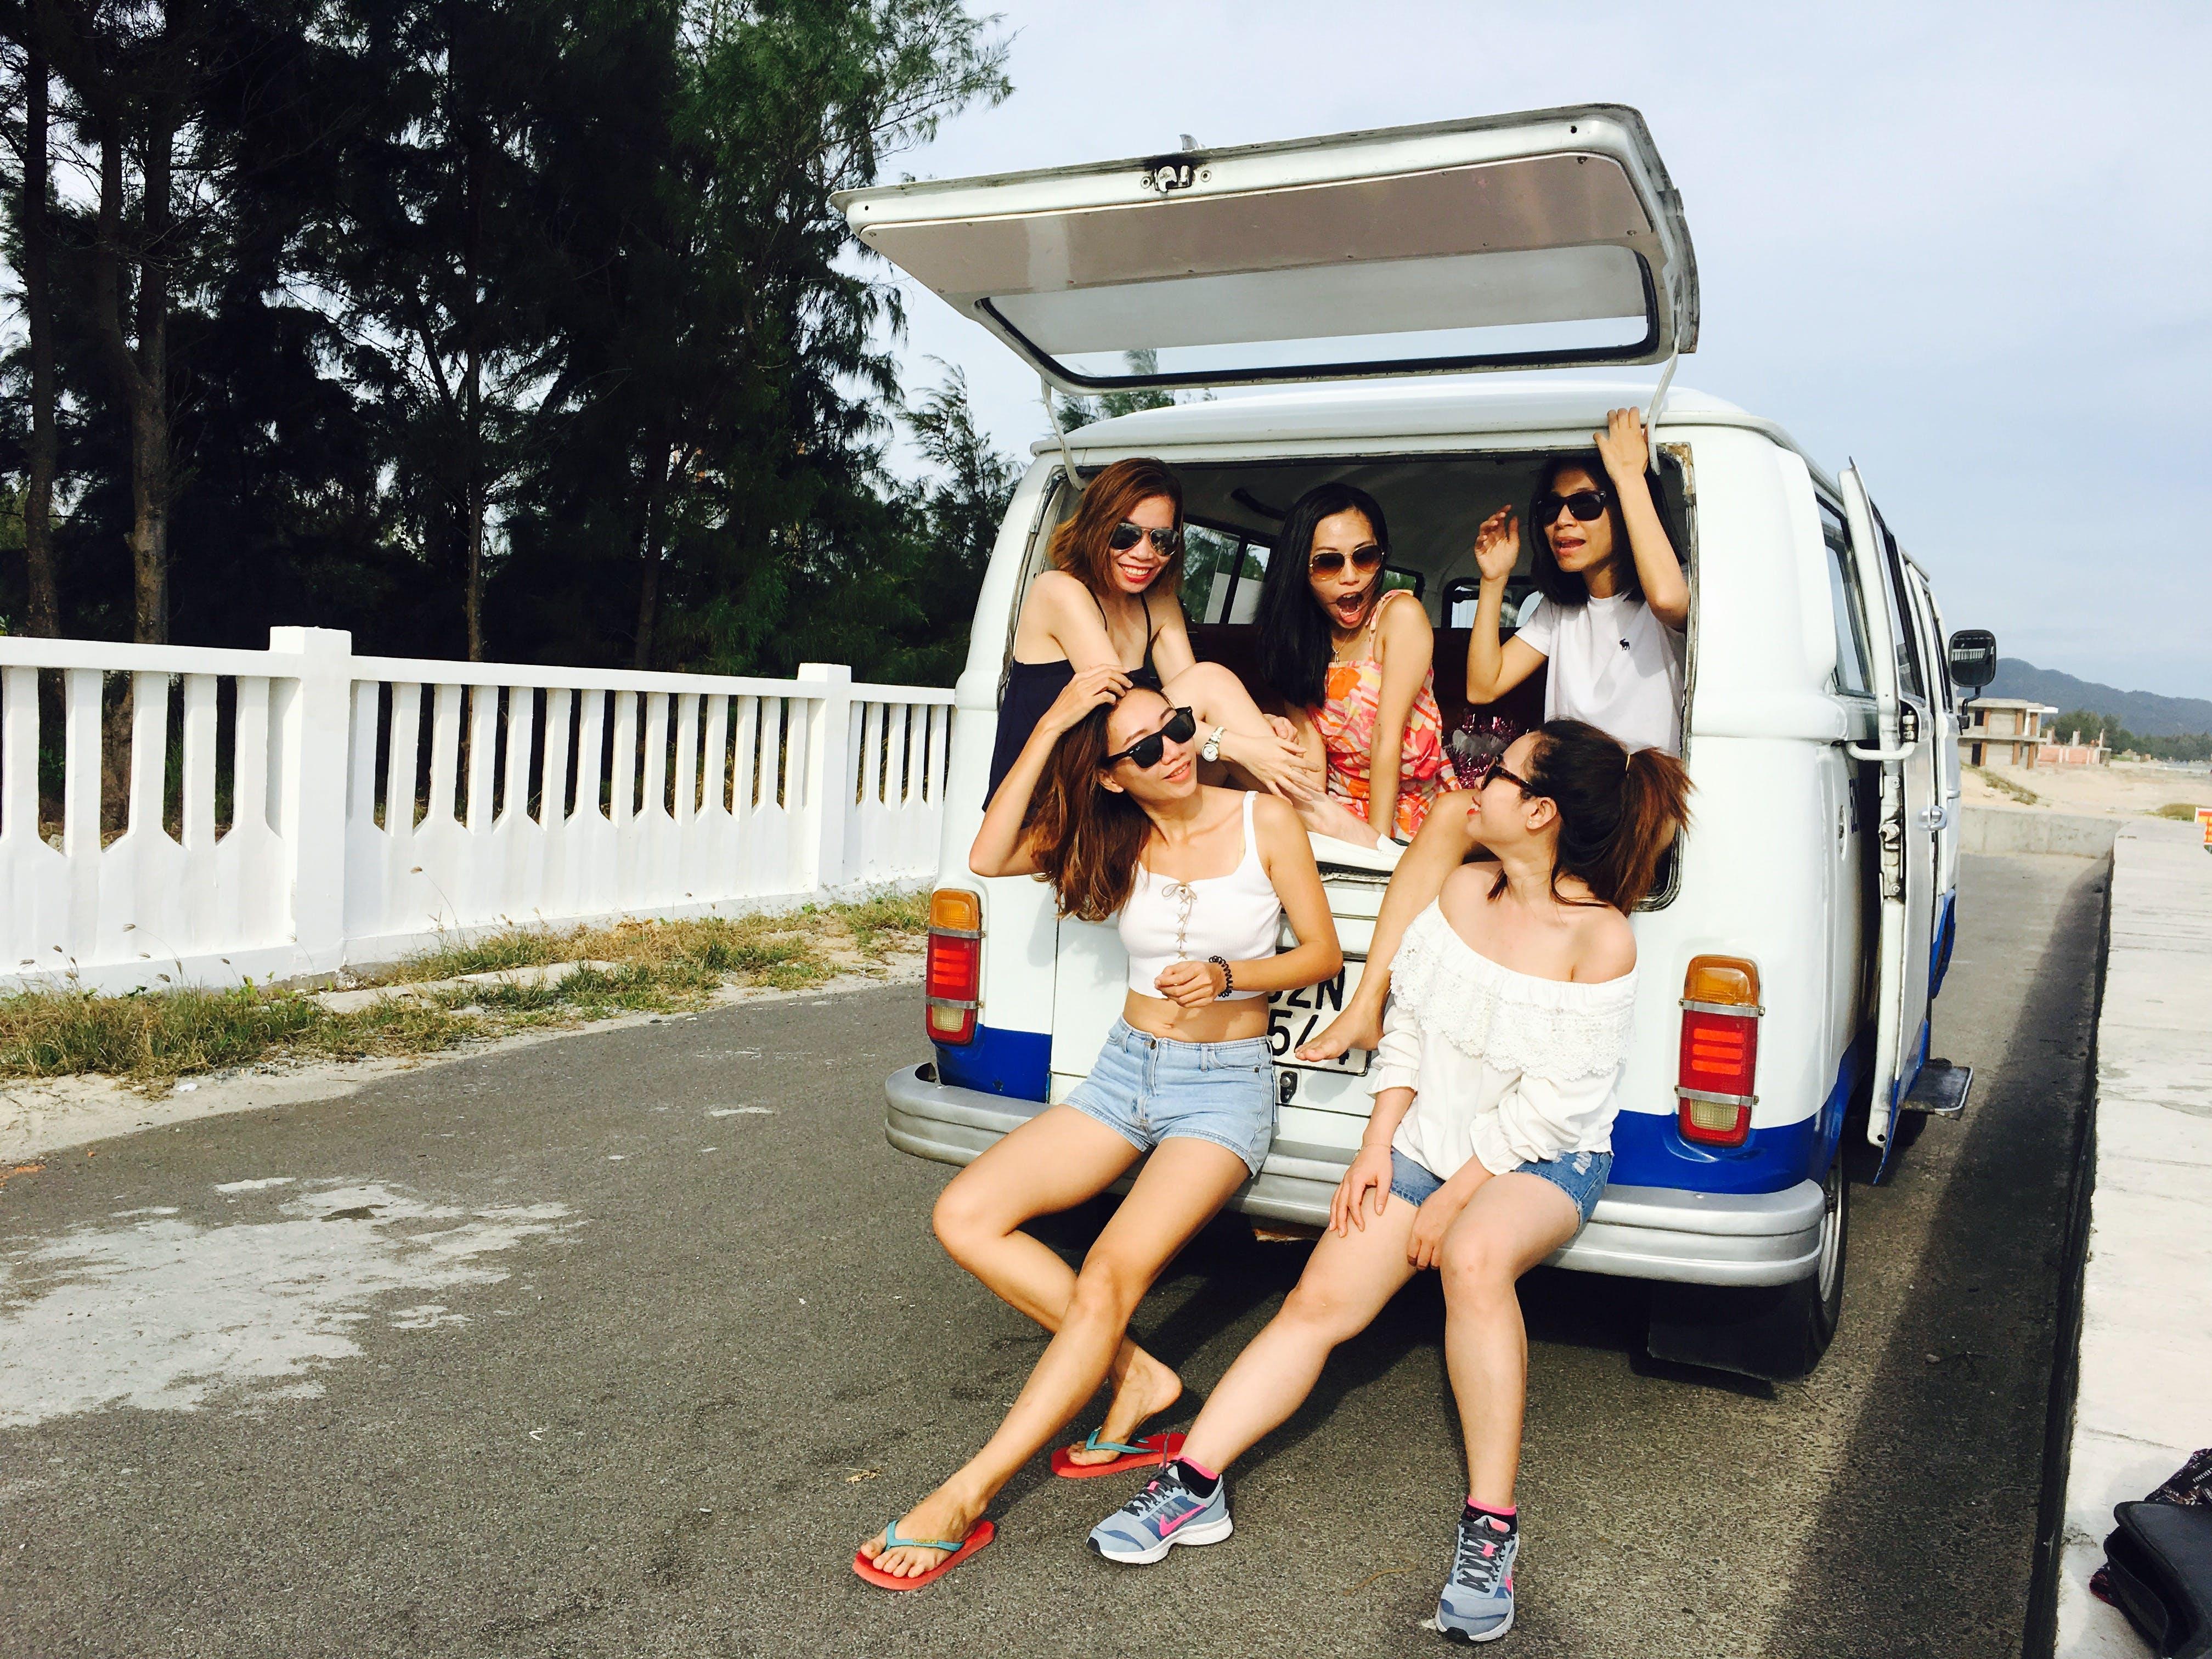 คลังภาพถ่ายฟรี ของ การท่องเที่ยว, การผ่อนคลาย, การพักผ่อนหย่อนใจ, การเดินทางบนถนน